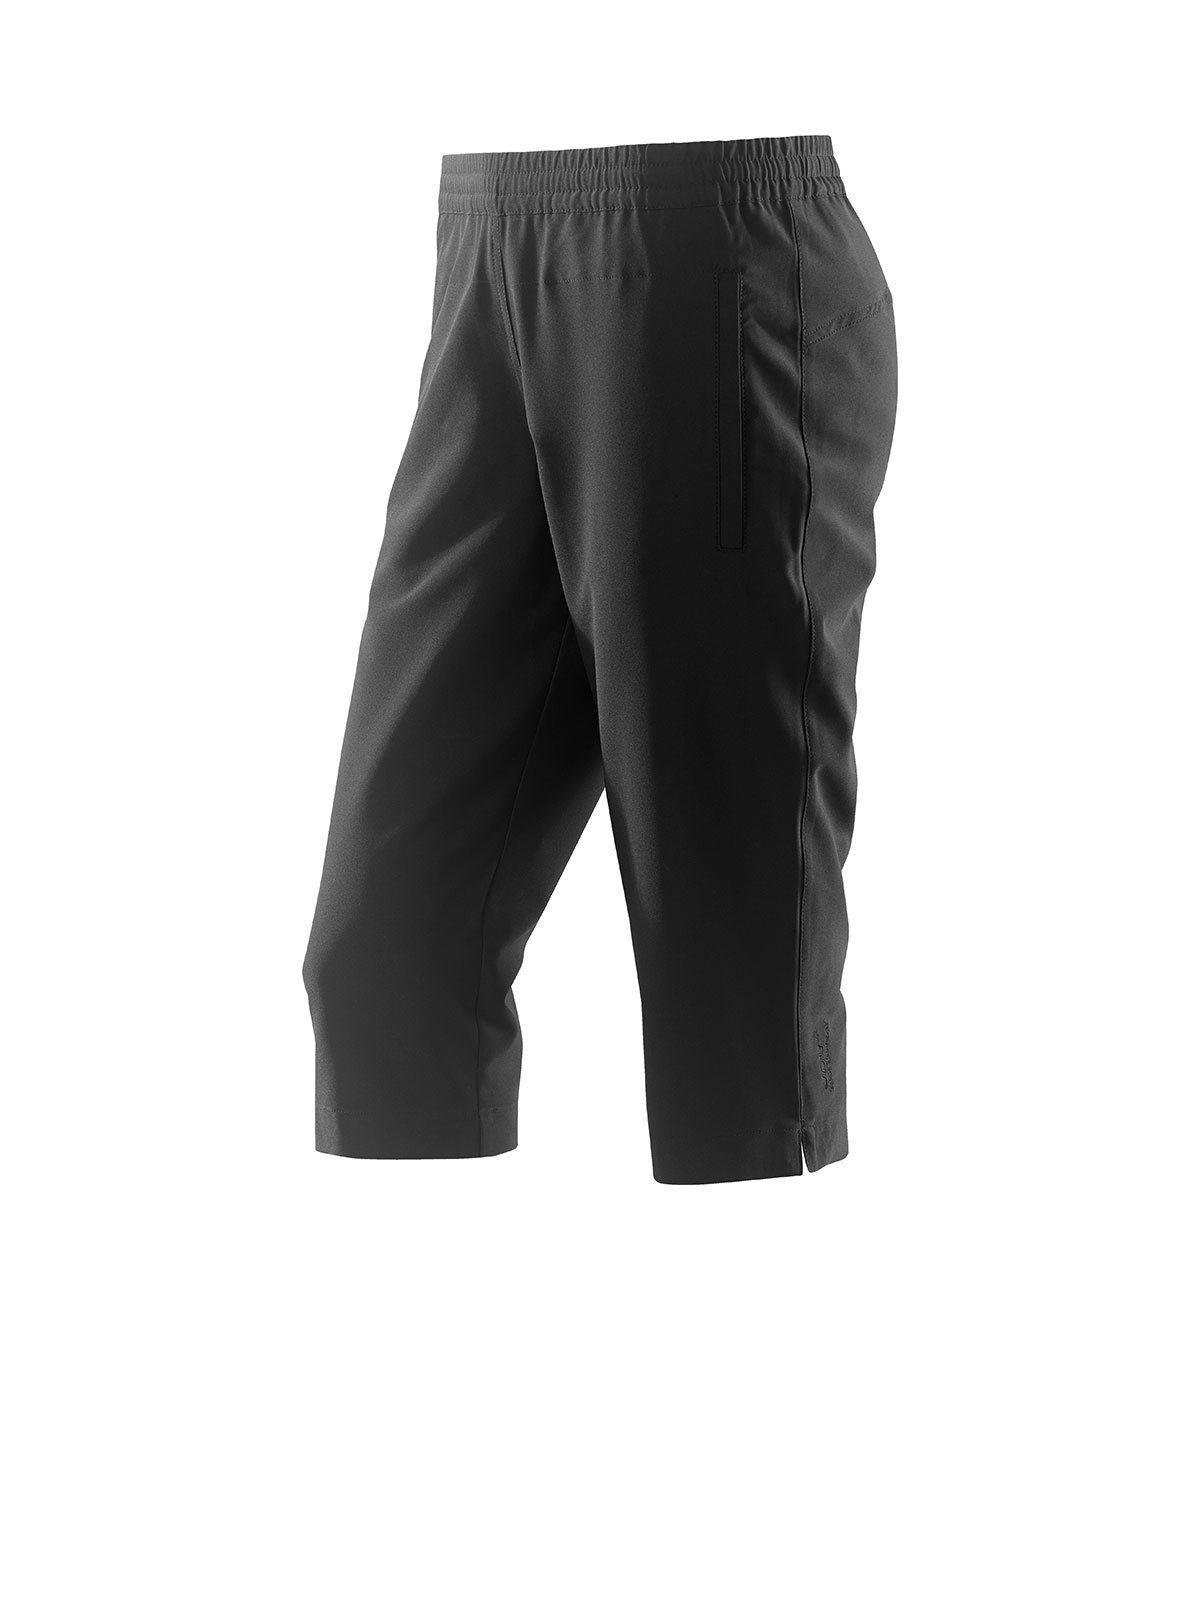 Joy Sportswear Caprihose SUZY   Sportbekleidung > Sporthosen > Sonstige Sporthosen   Schwarz   Joy Sportswear